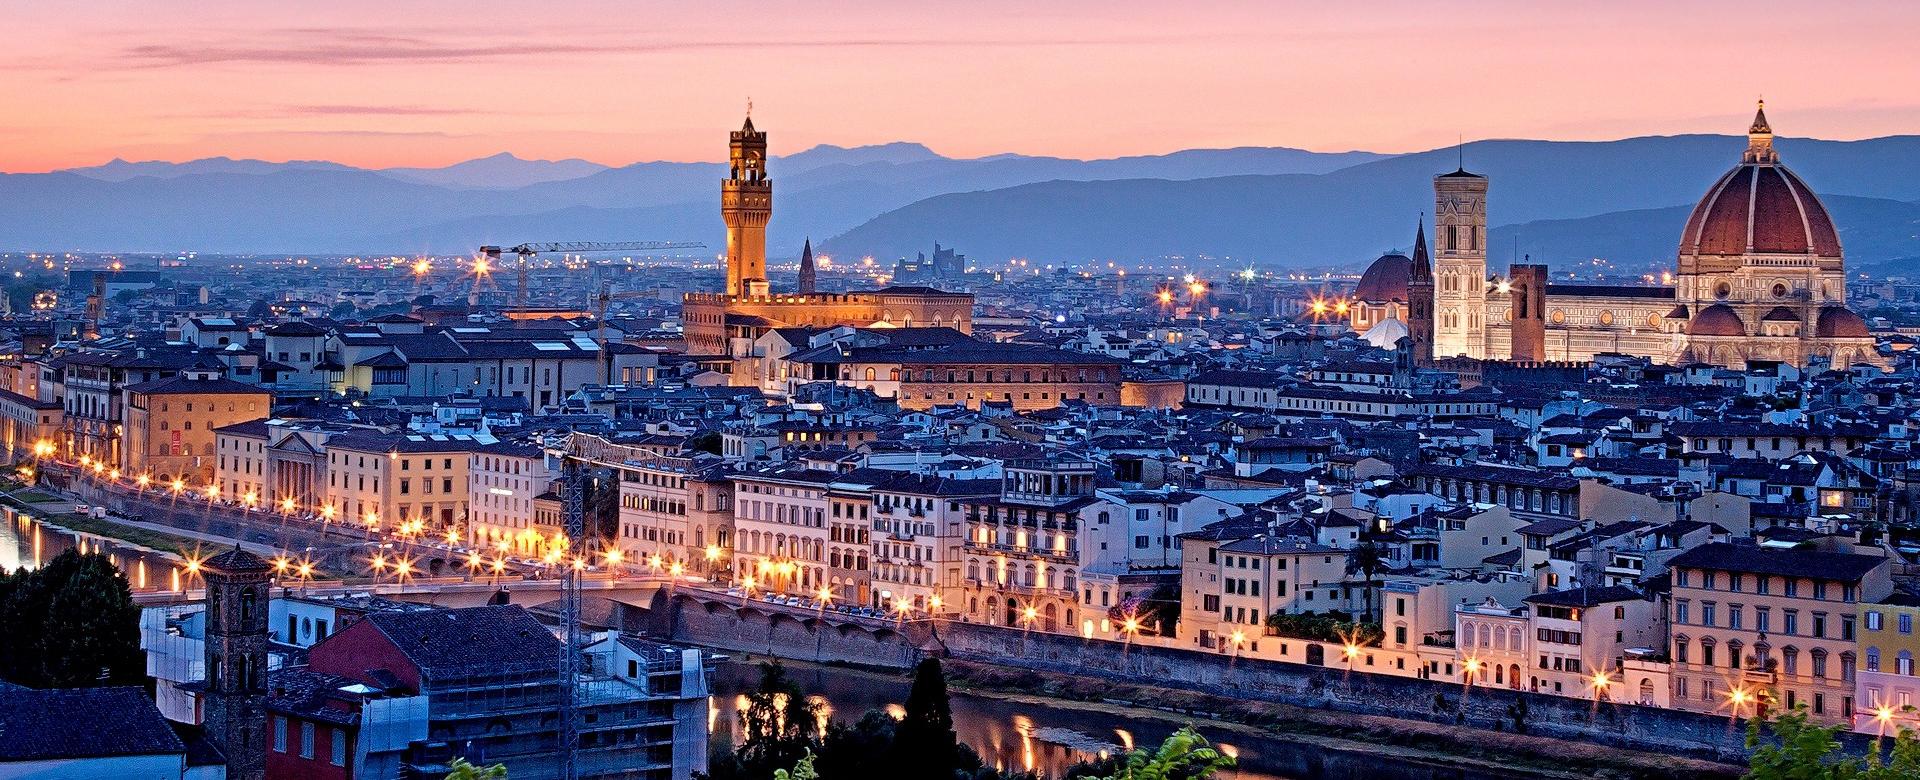 Biennale Firenze 2017